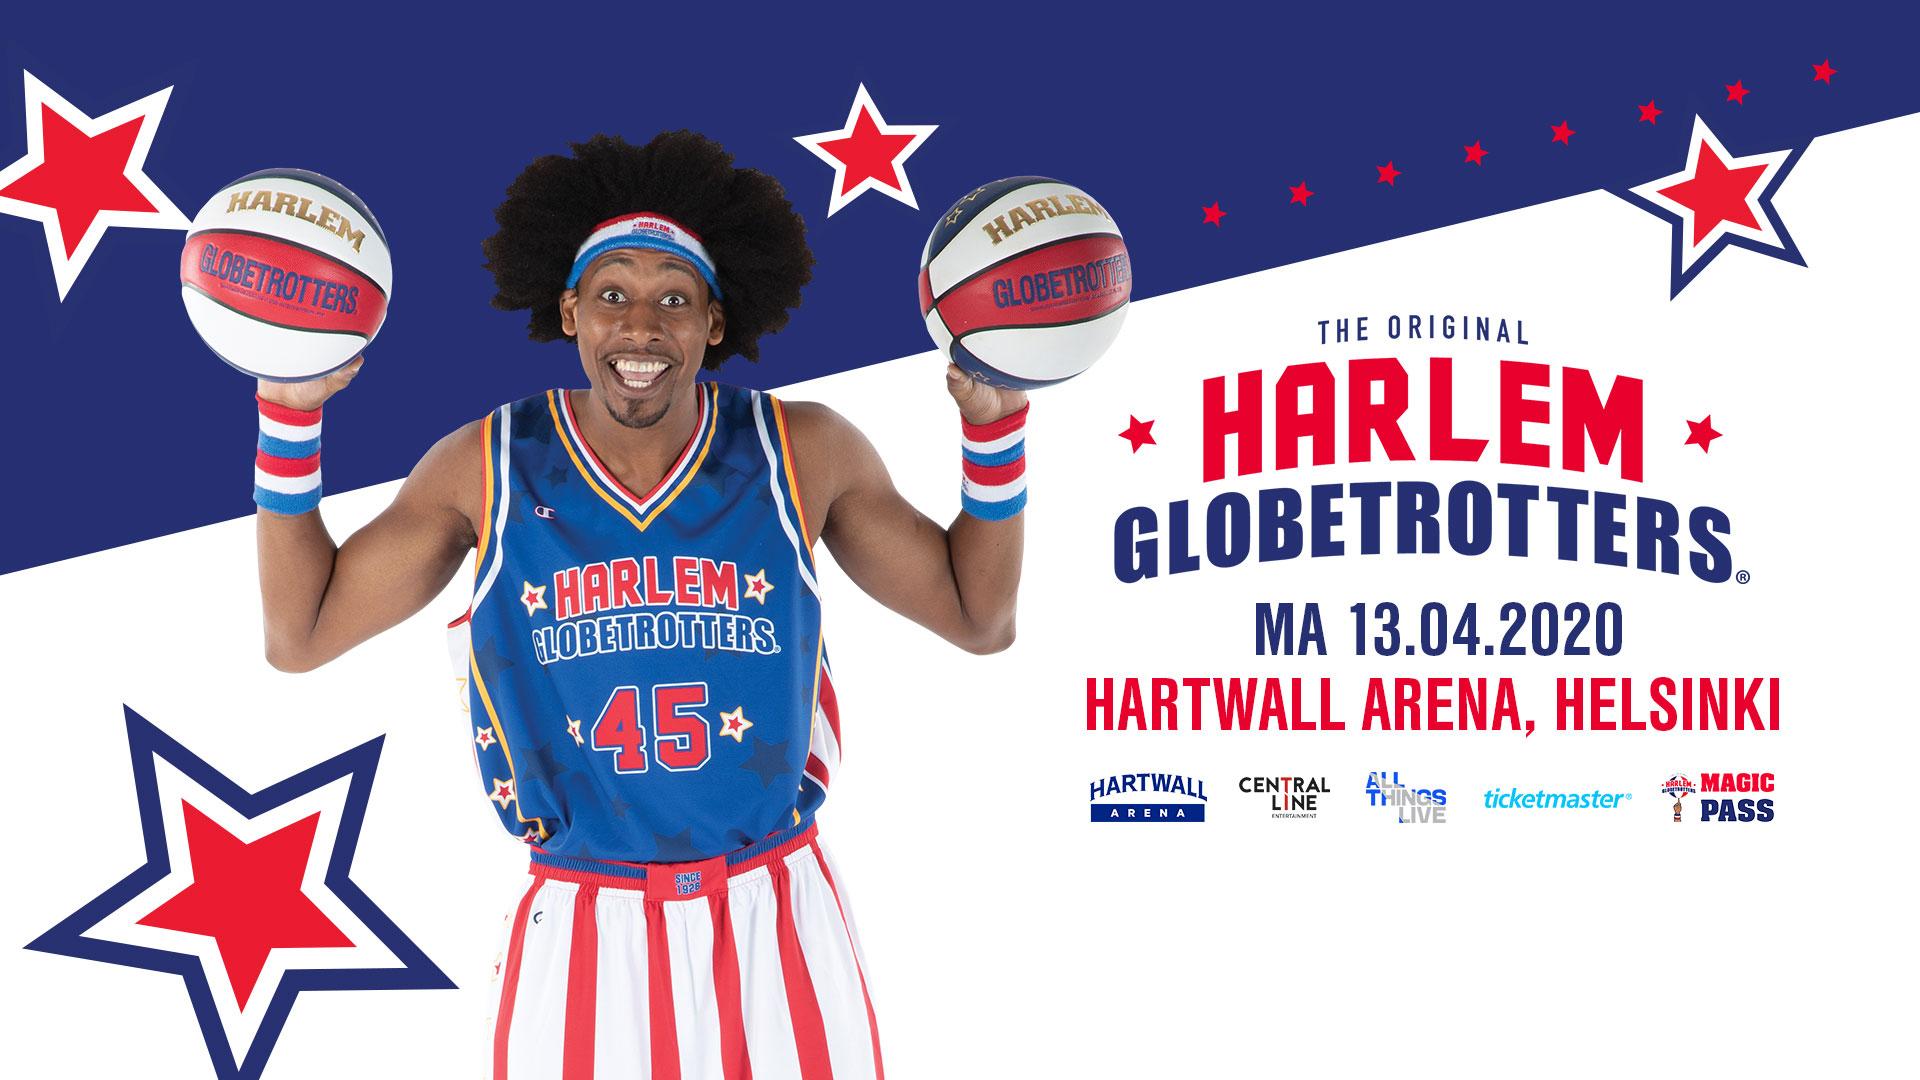 Link to event Harlem Globetrotters